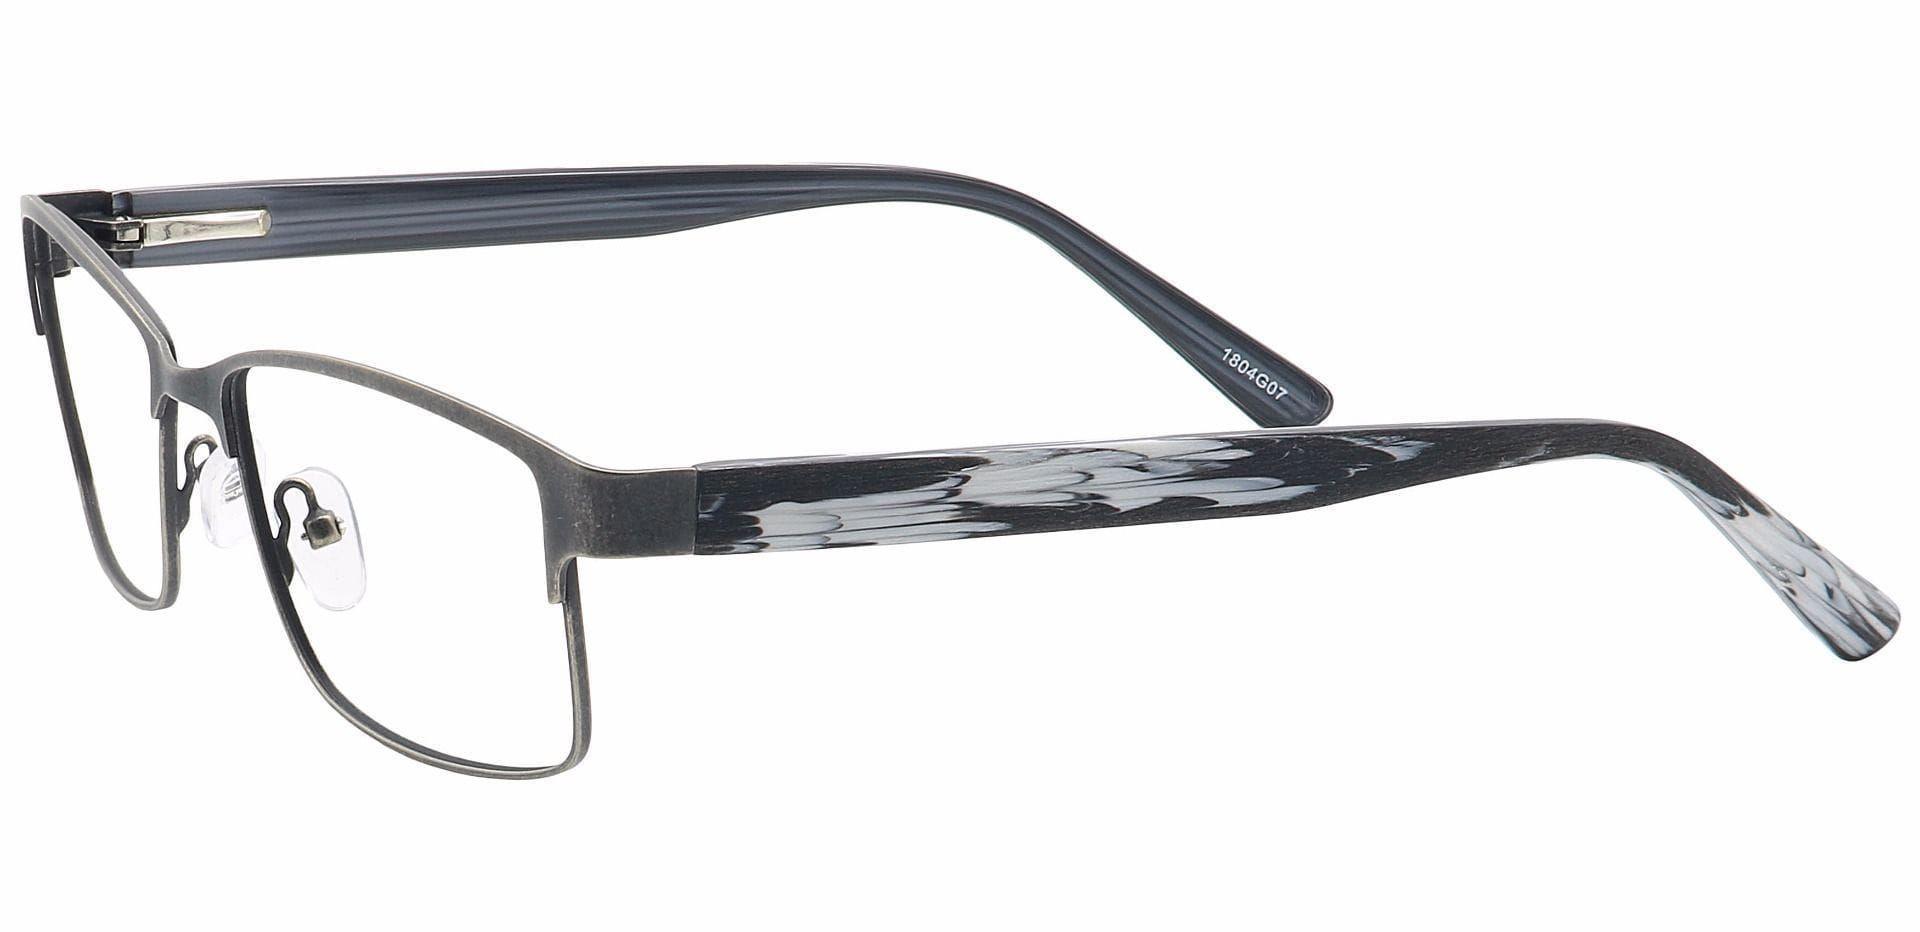 Hal Rectangle Non-Rx Glasses - Gray